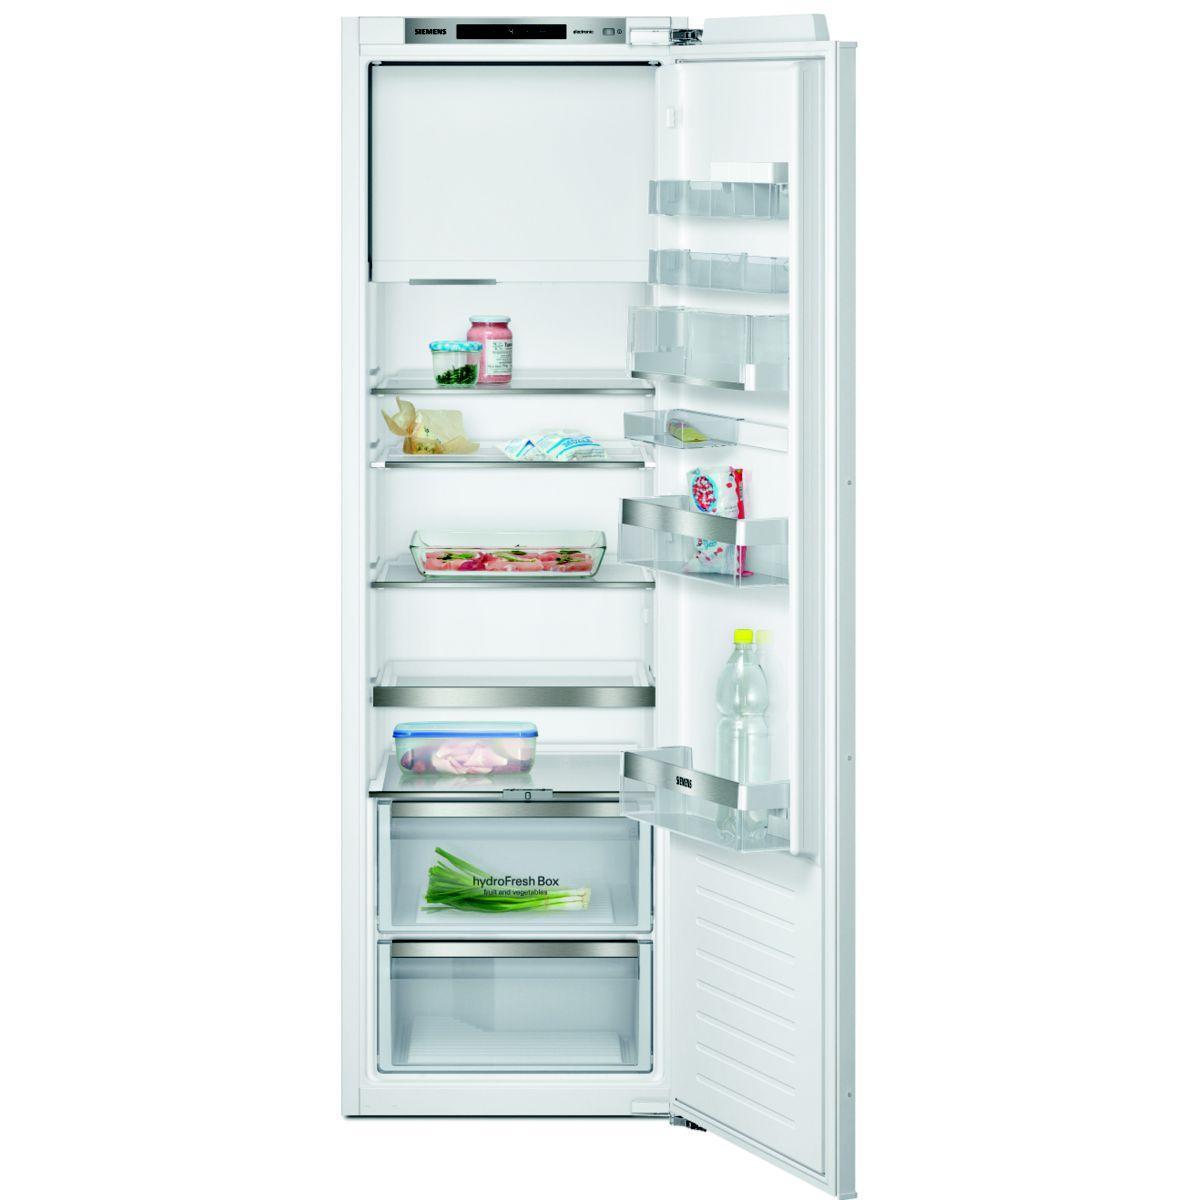 Réfrigérateur encastrable siemens ki82lad30 - 2% de remise immédiate avec le code : cool2 (photo)